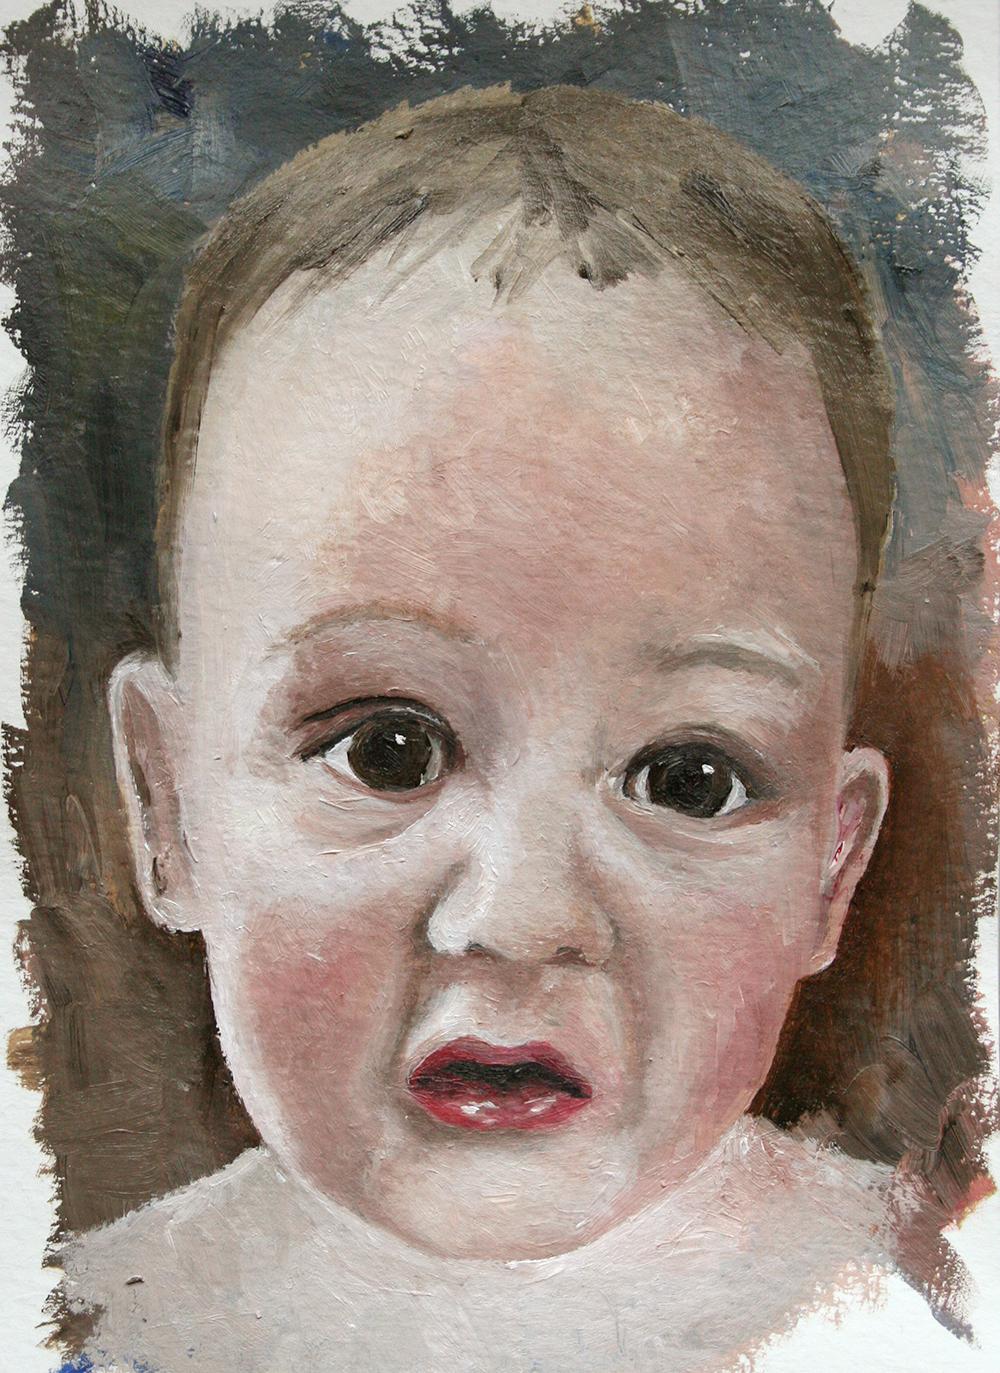 Oil Sketch of Baby James. Oil on Gessoed Paper.